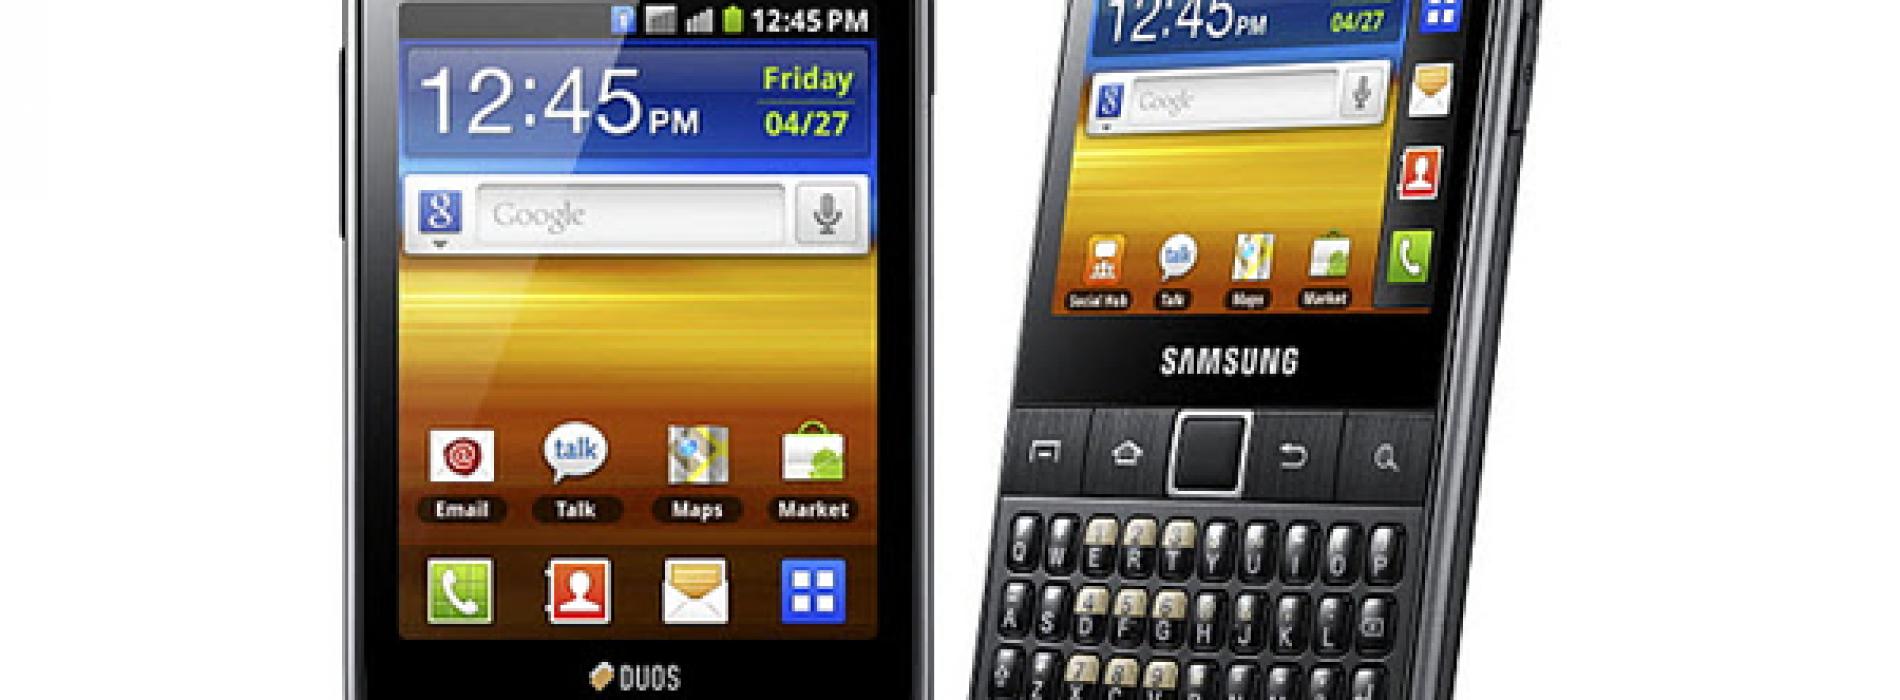 Samsung intros dual-SIM Samsung Galaxy Y Duos, Galaxy Y Pro Duos